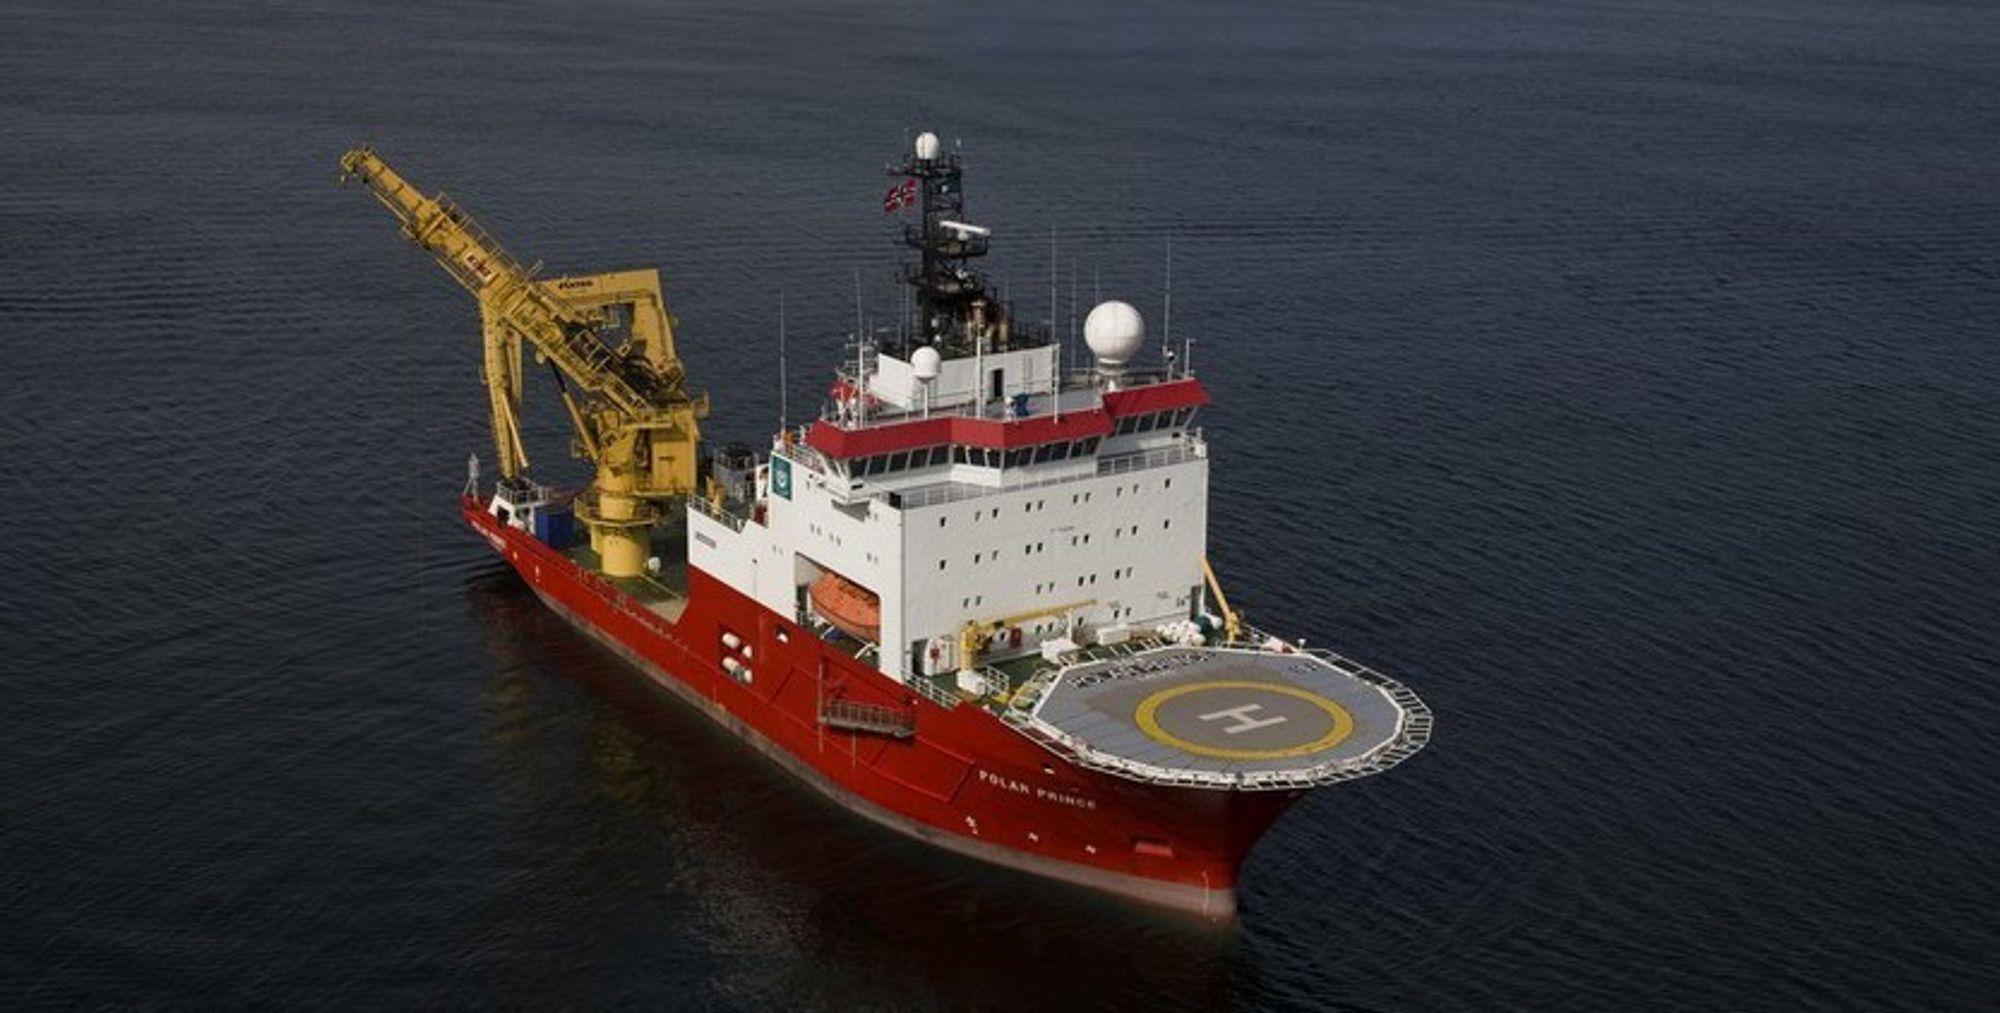 KJERNE: Polar Prince er et subsea support skip (SSV) og inngår i GC Rieber Shippings harde kjernevirksomhet.